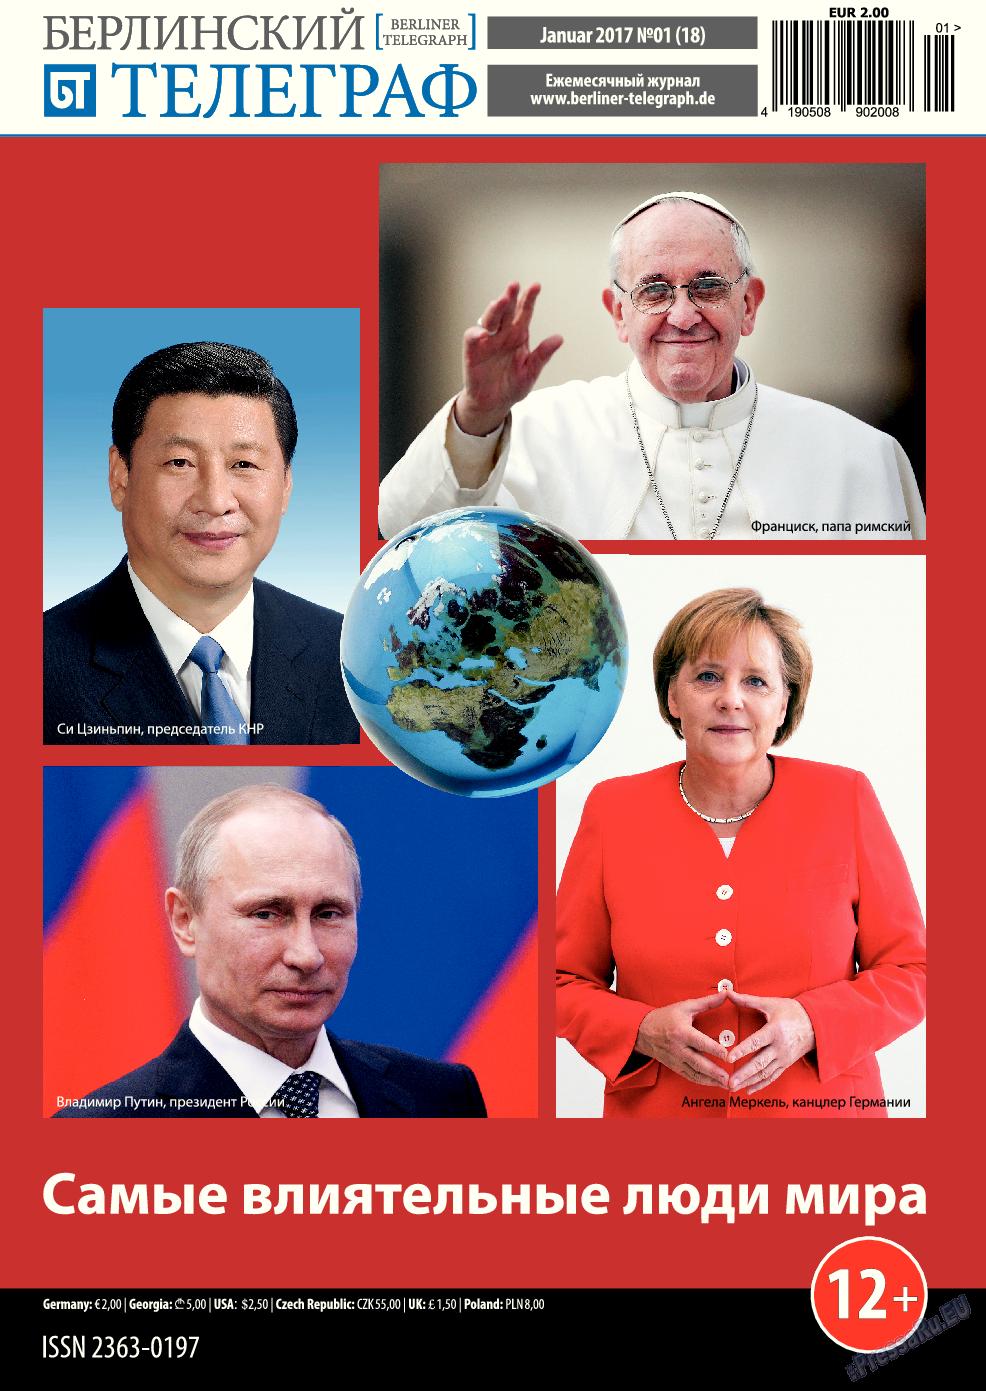 Берлинский телеграф (журнал). 2017 год, номер 18, стр. 1